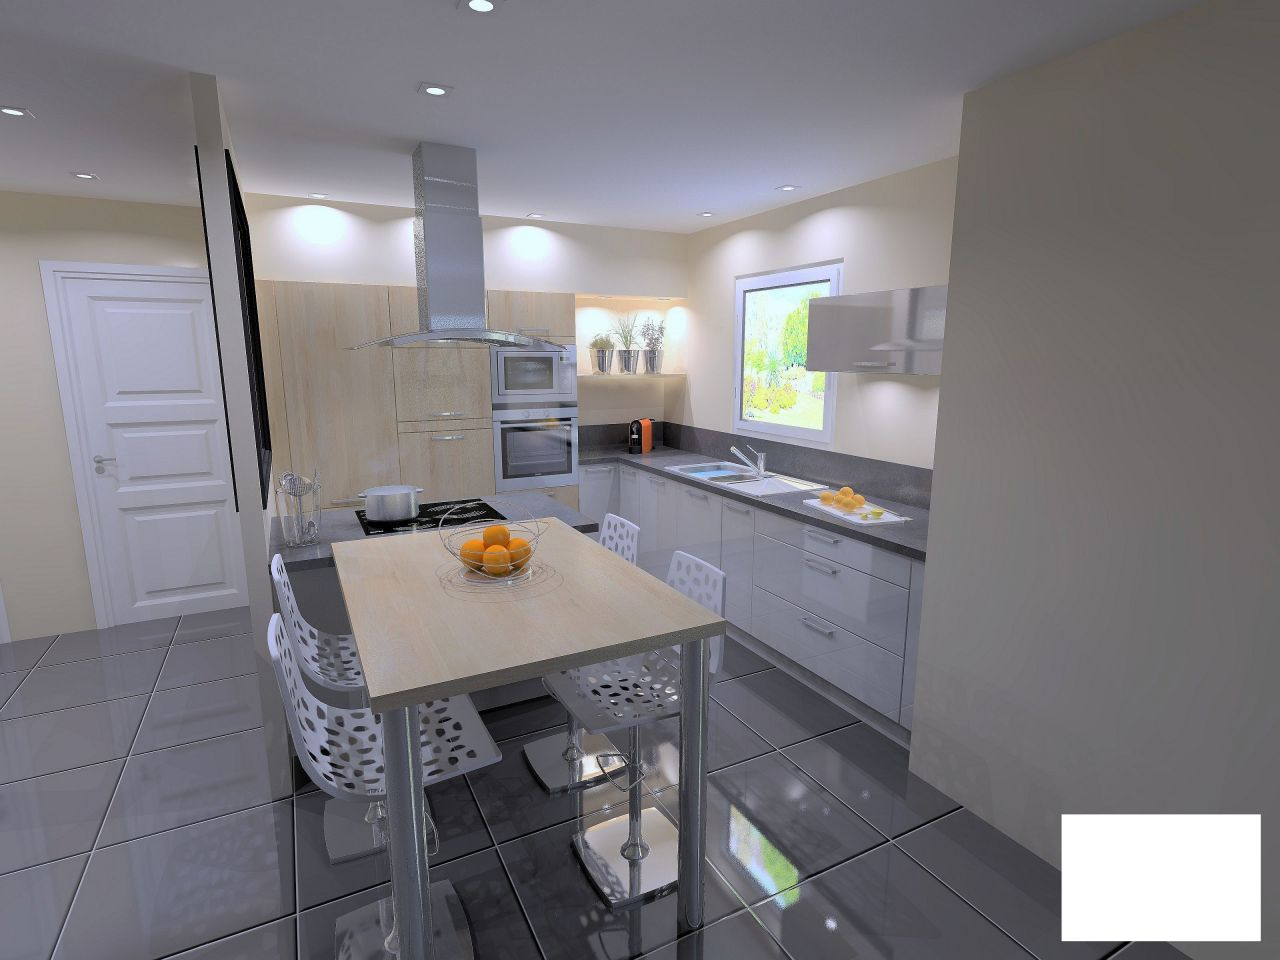 notre premi re construction sur kersaint plabennec kersaint plabennec finistere. Black Bedroom Furniture Sets. Home Design Ideas